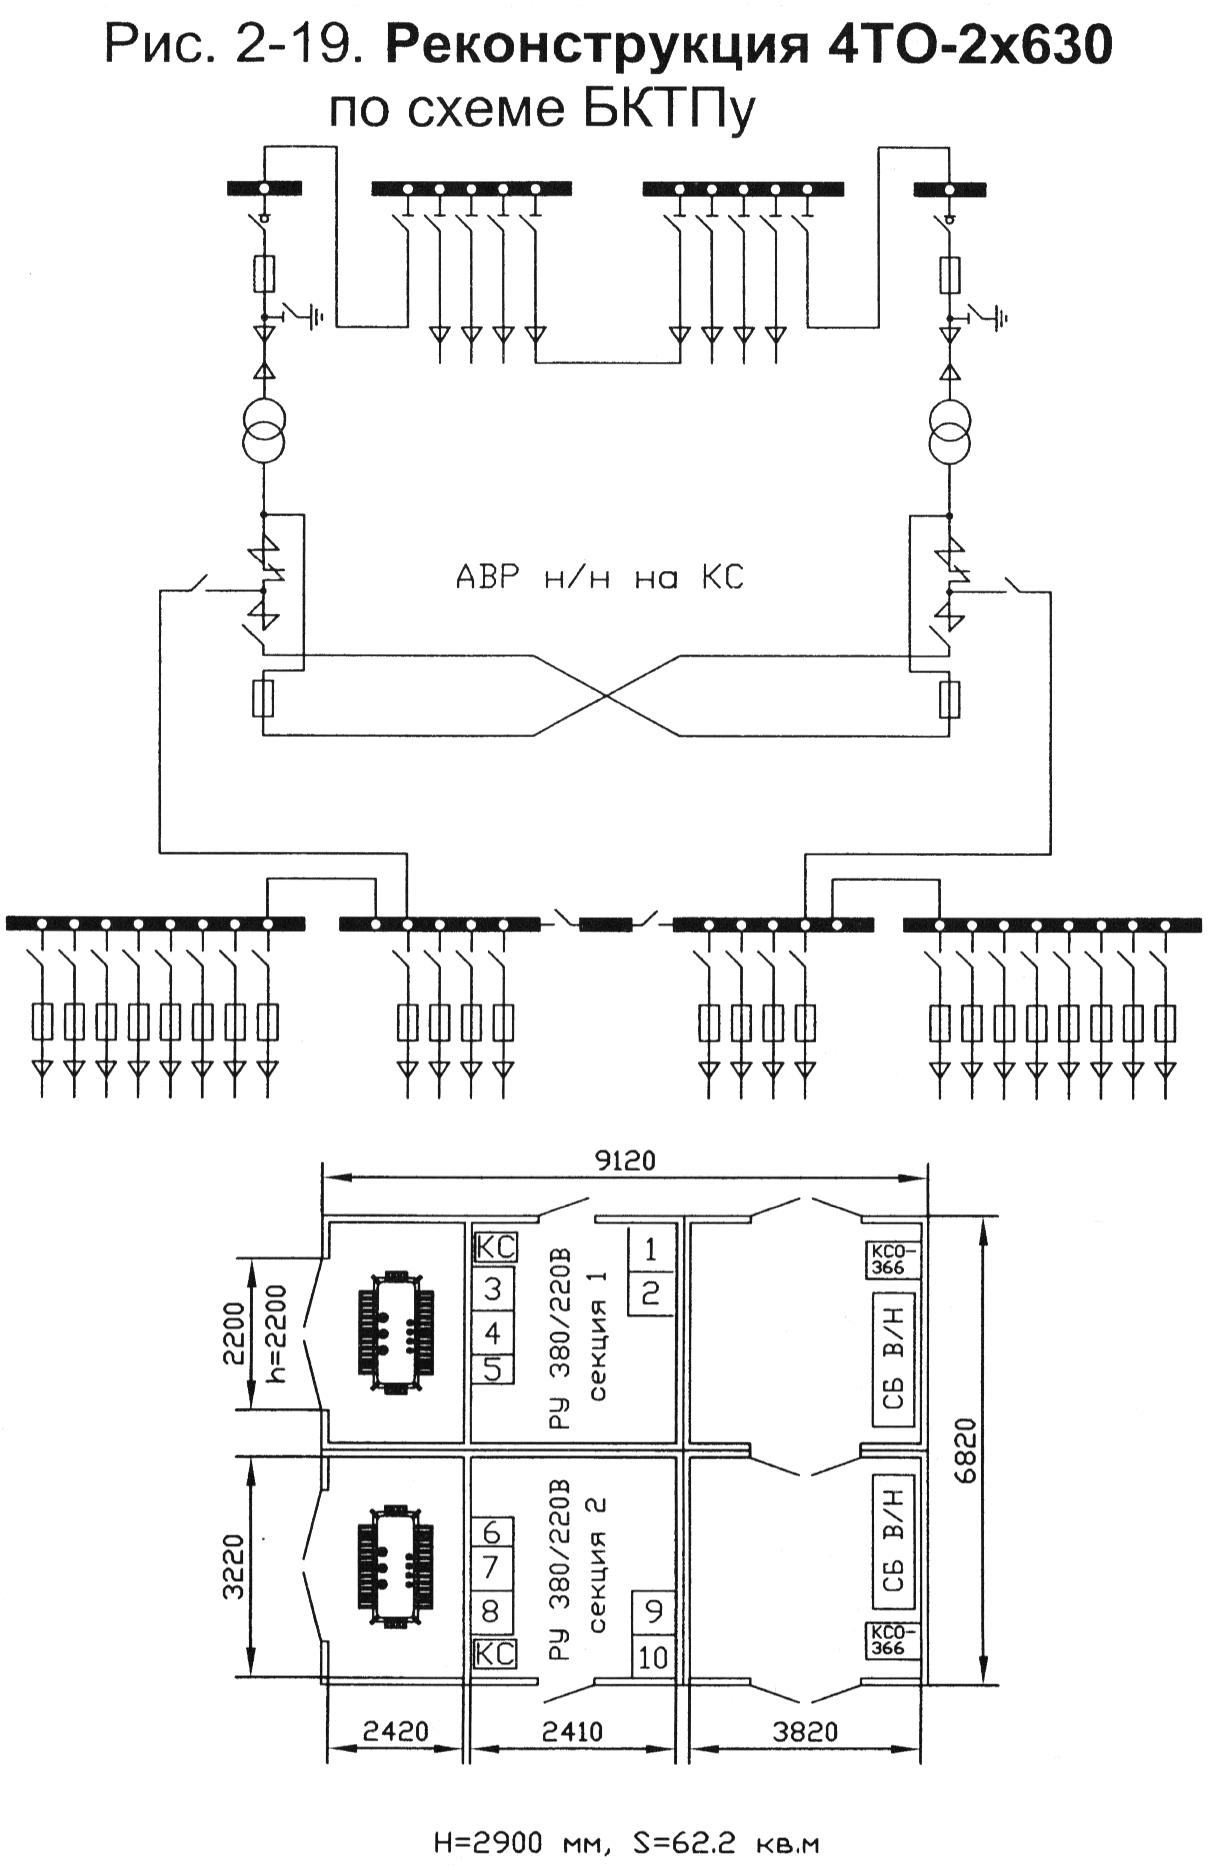 Реконструкция 4ТО-2х630 по схеме БКТПу